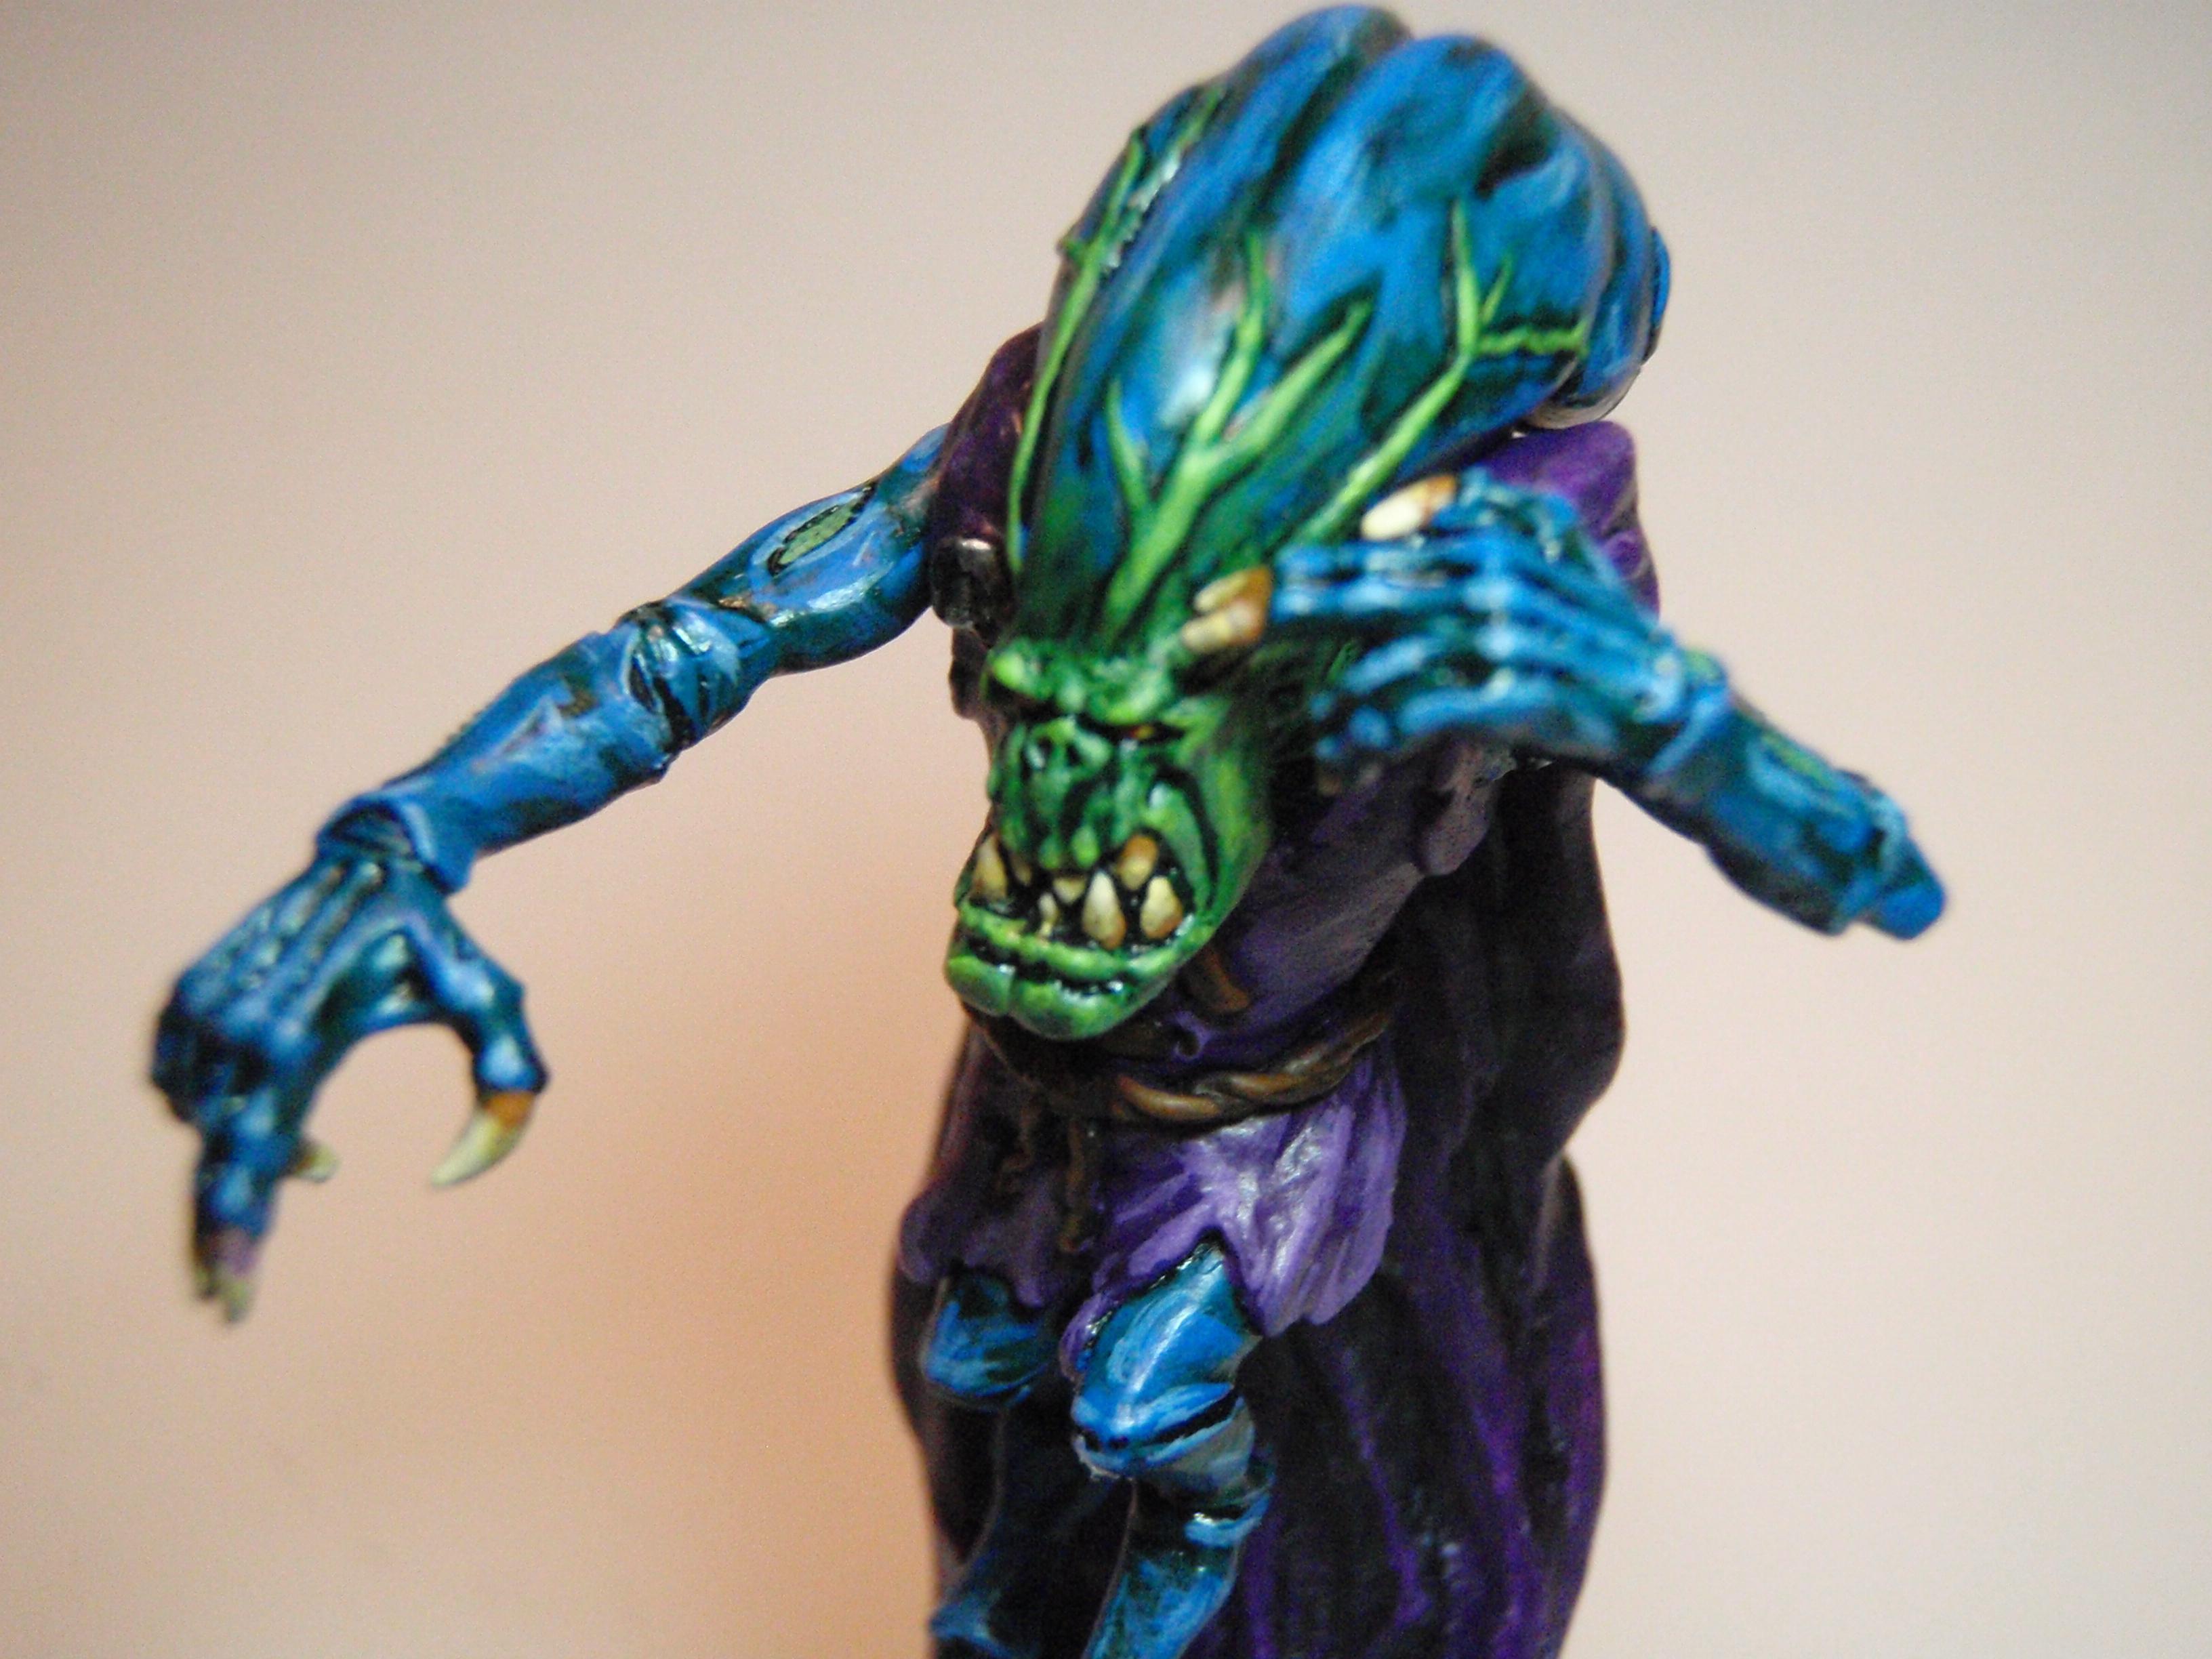 Warhammer 40,000, Blurry close-up of Weird Bug's head